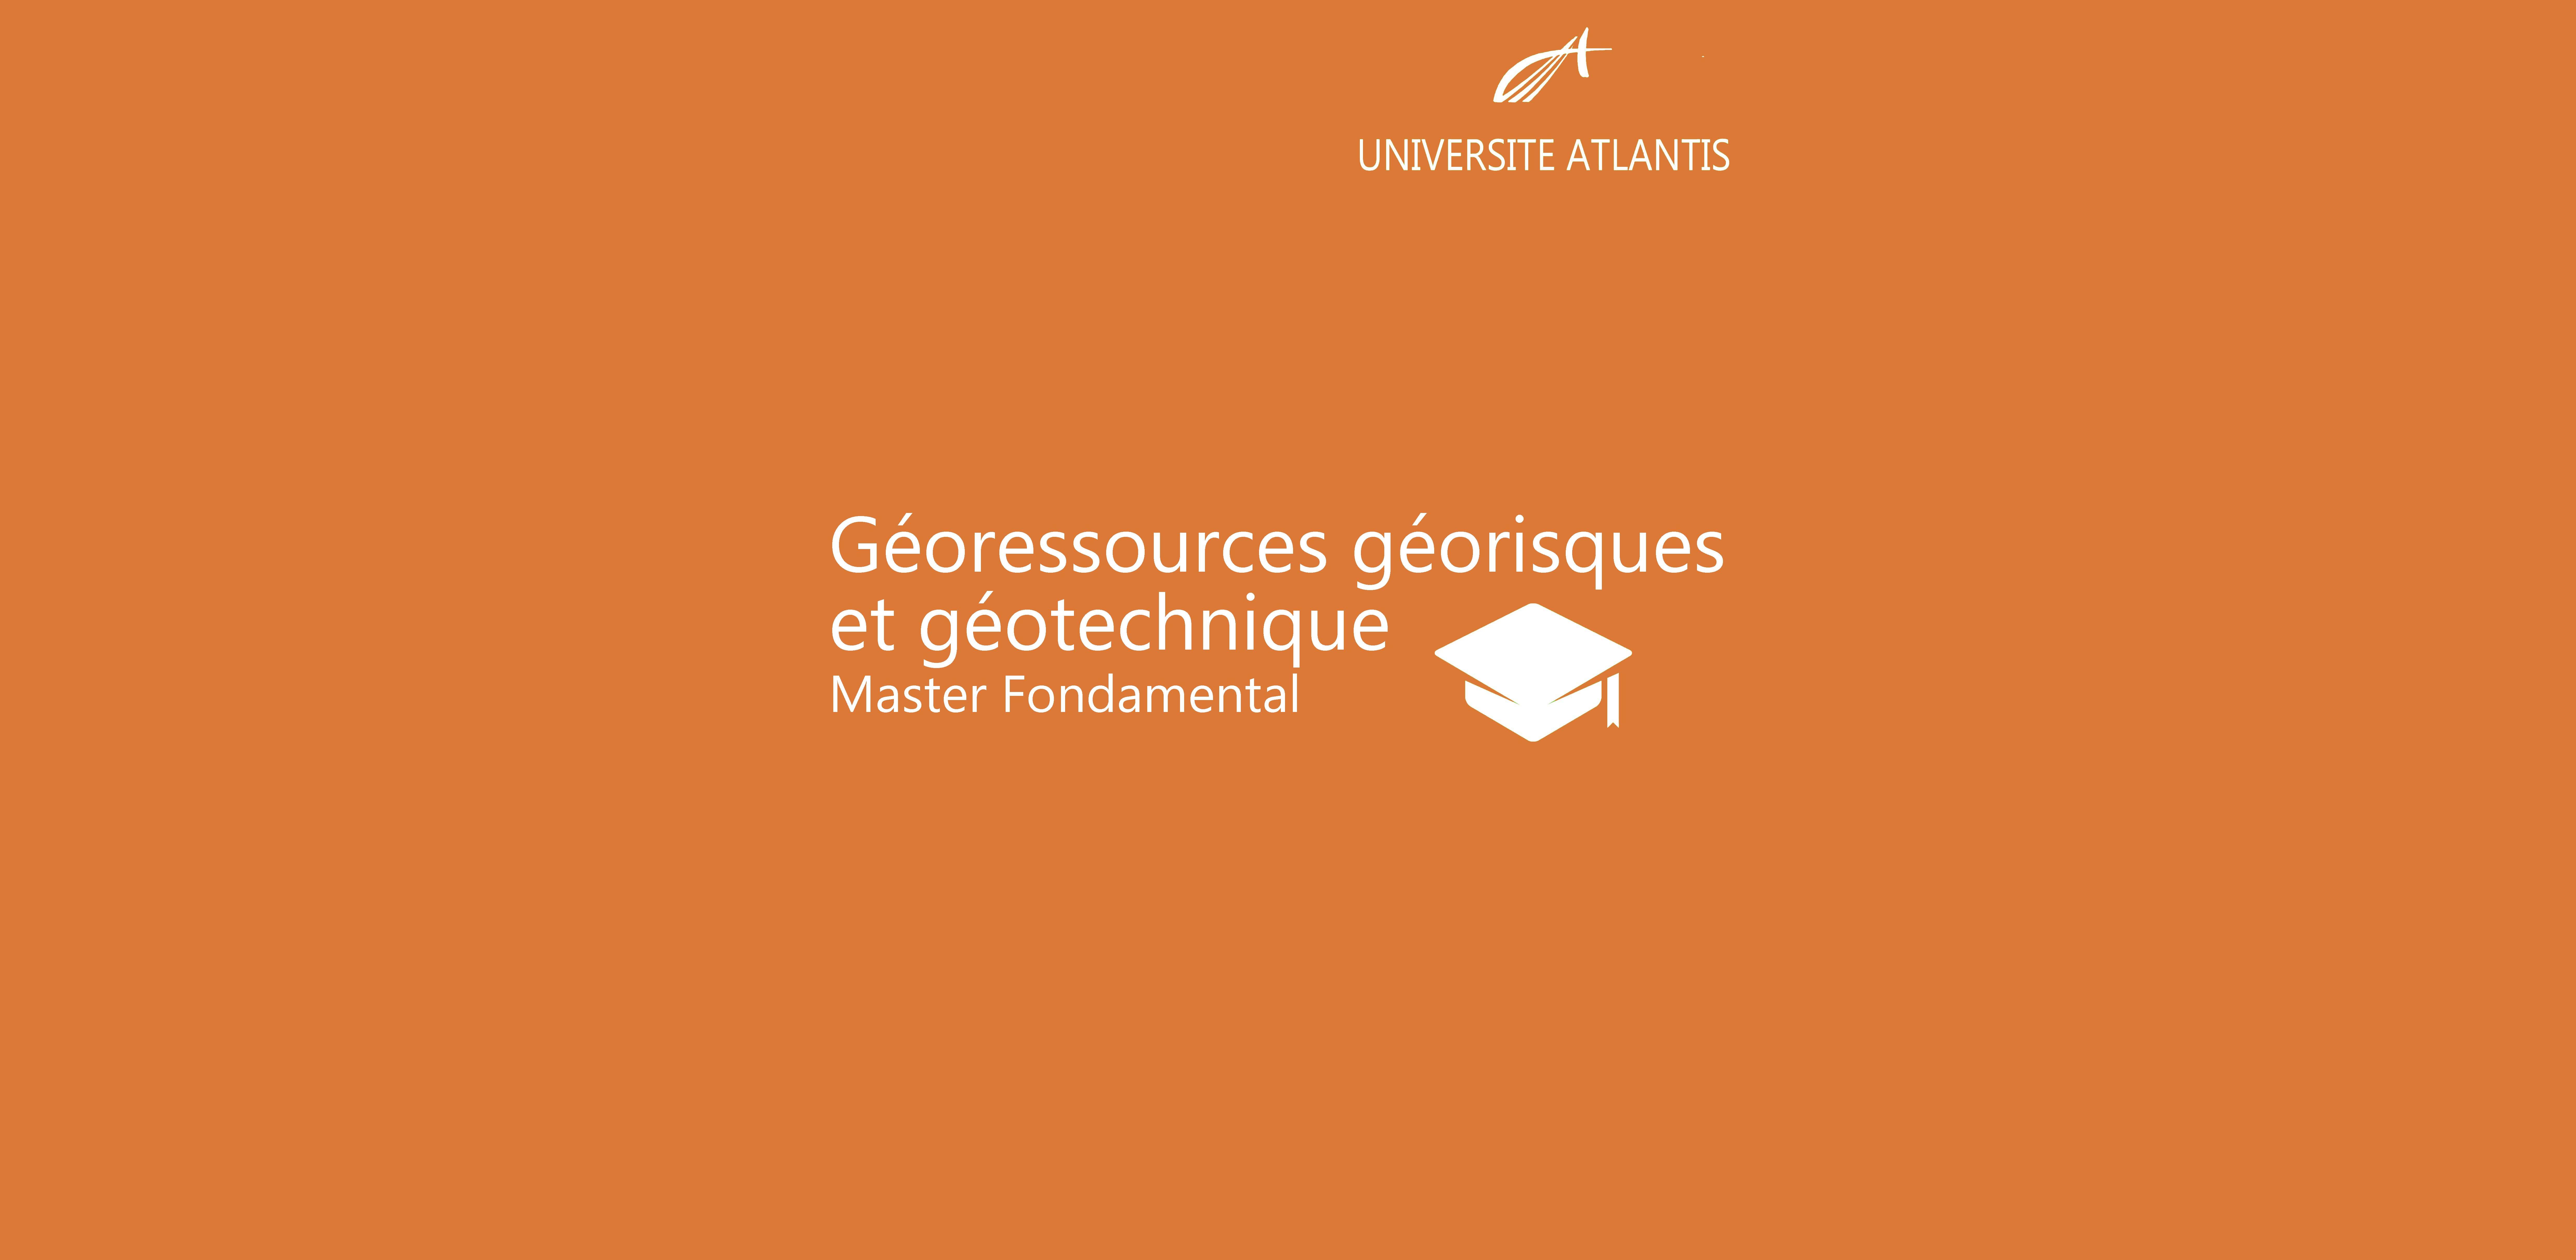 Géoressources géorisques et géotechnique